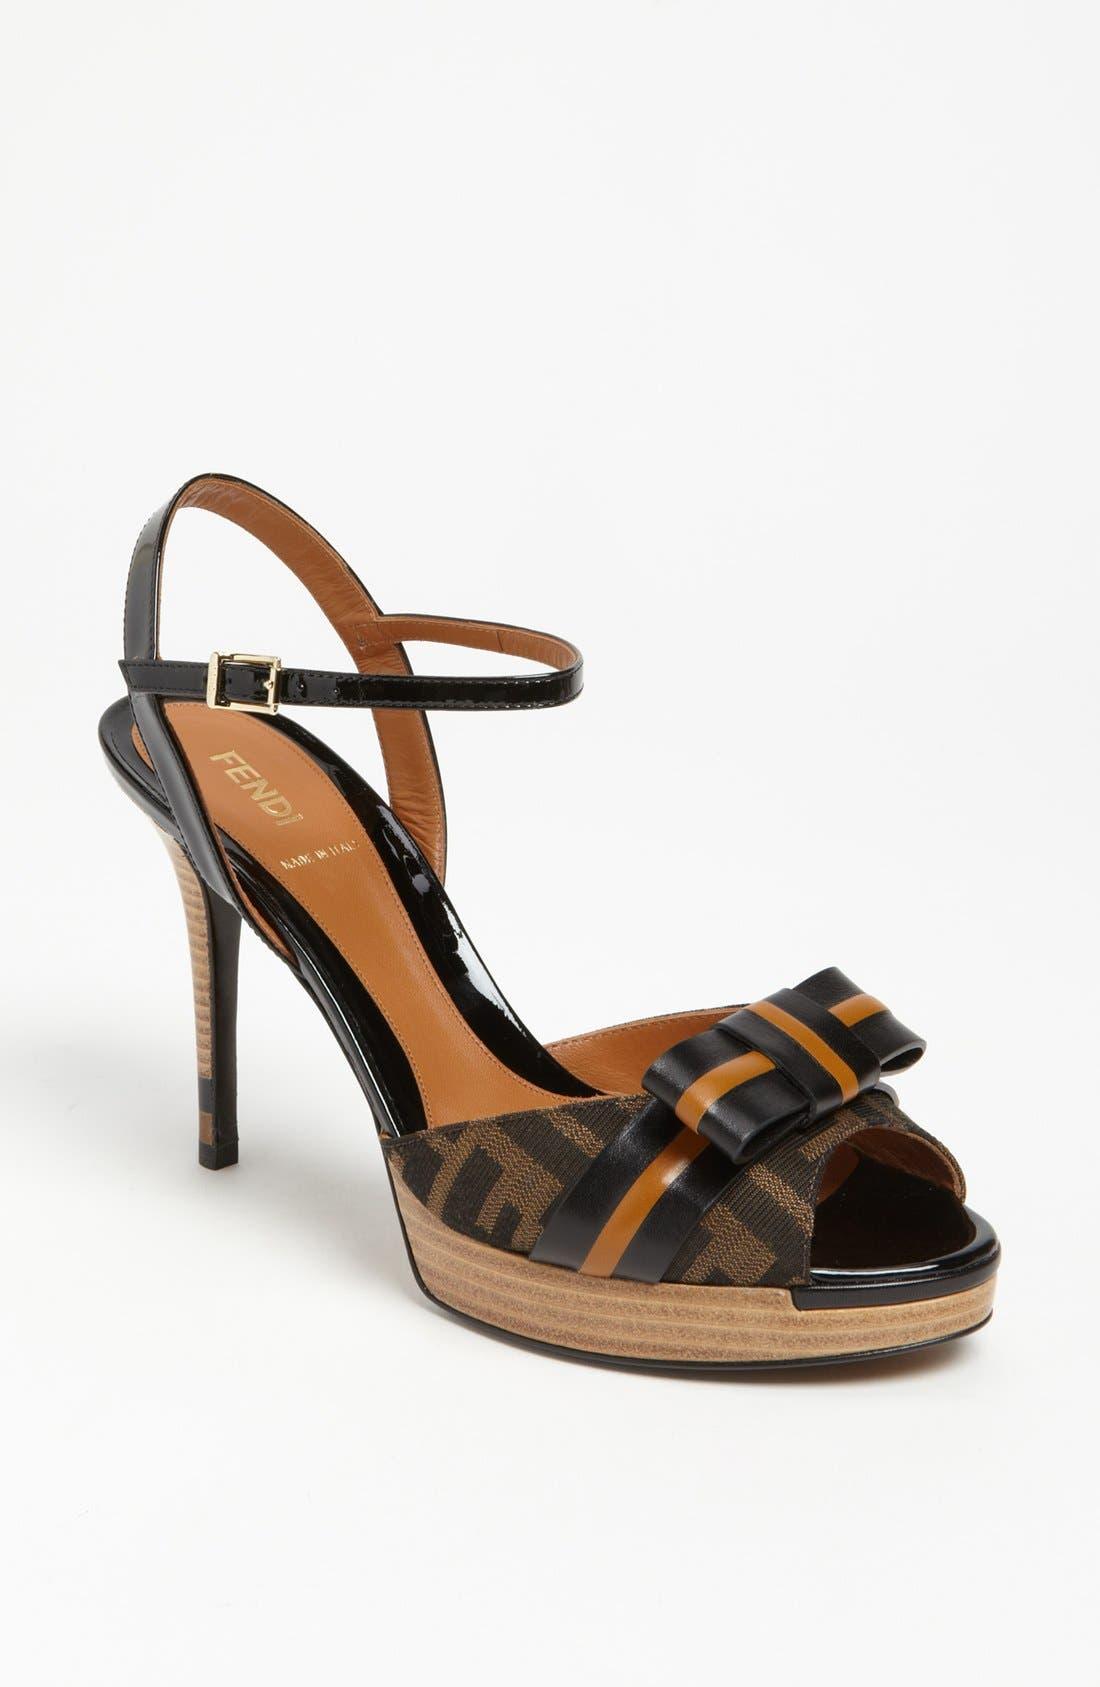 Alternate Image 1 Selected - Fendi 'Pride & Prejudice' Sandal